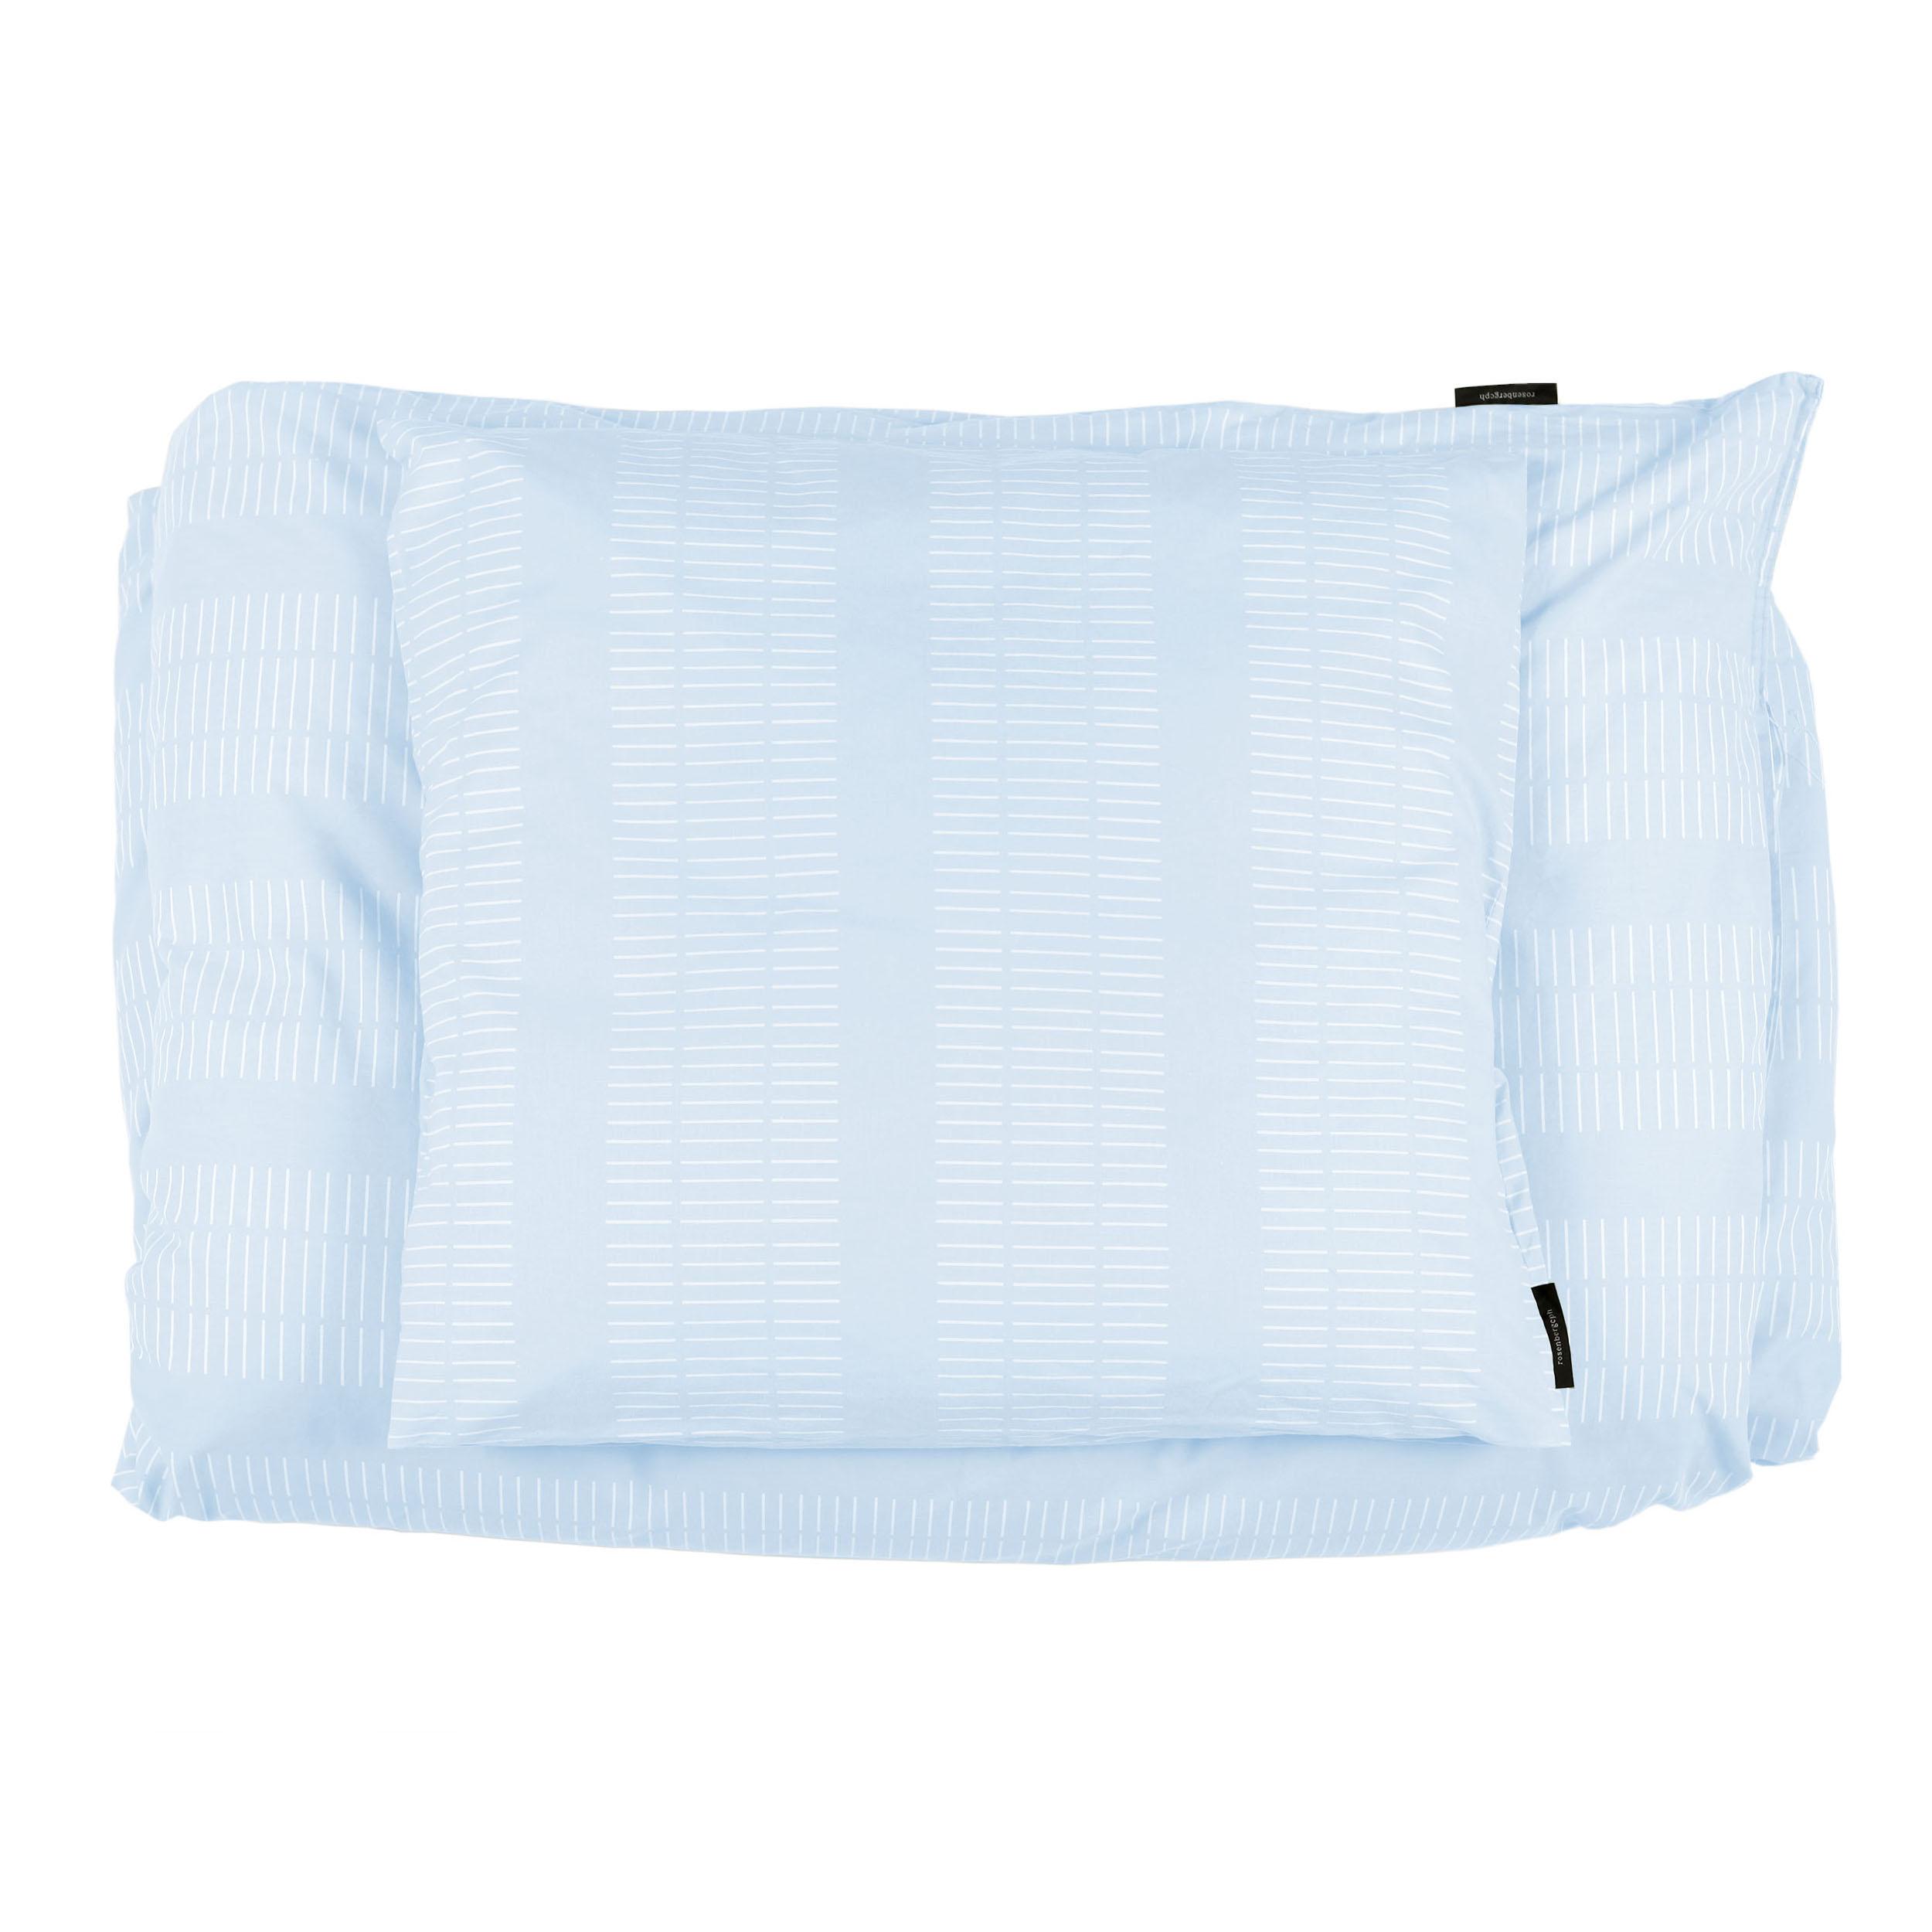 Bed linen, Dash morning sky, design Anne Rosenberg, RosenbergCph